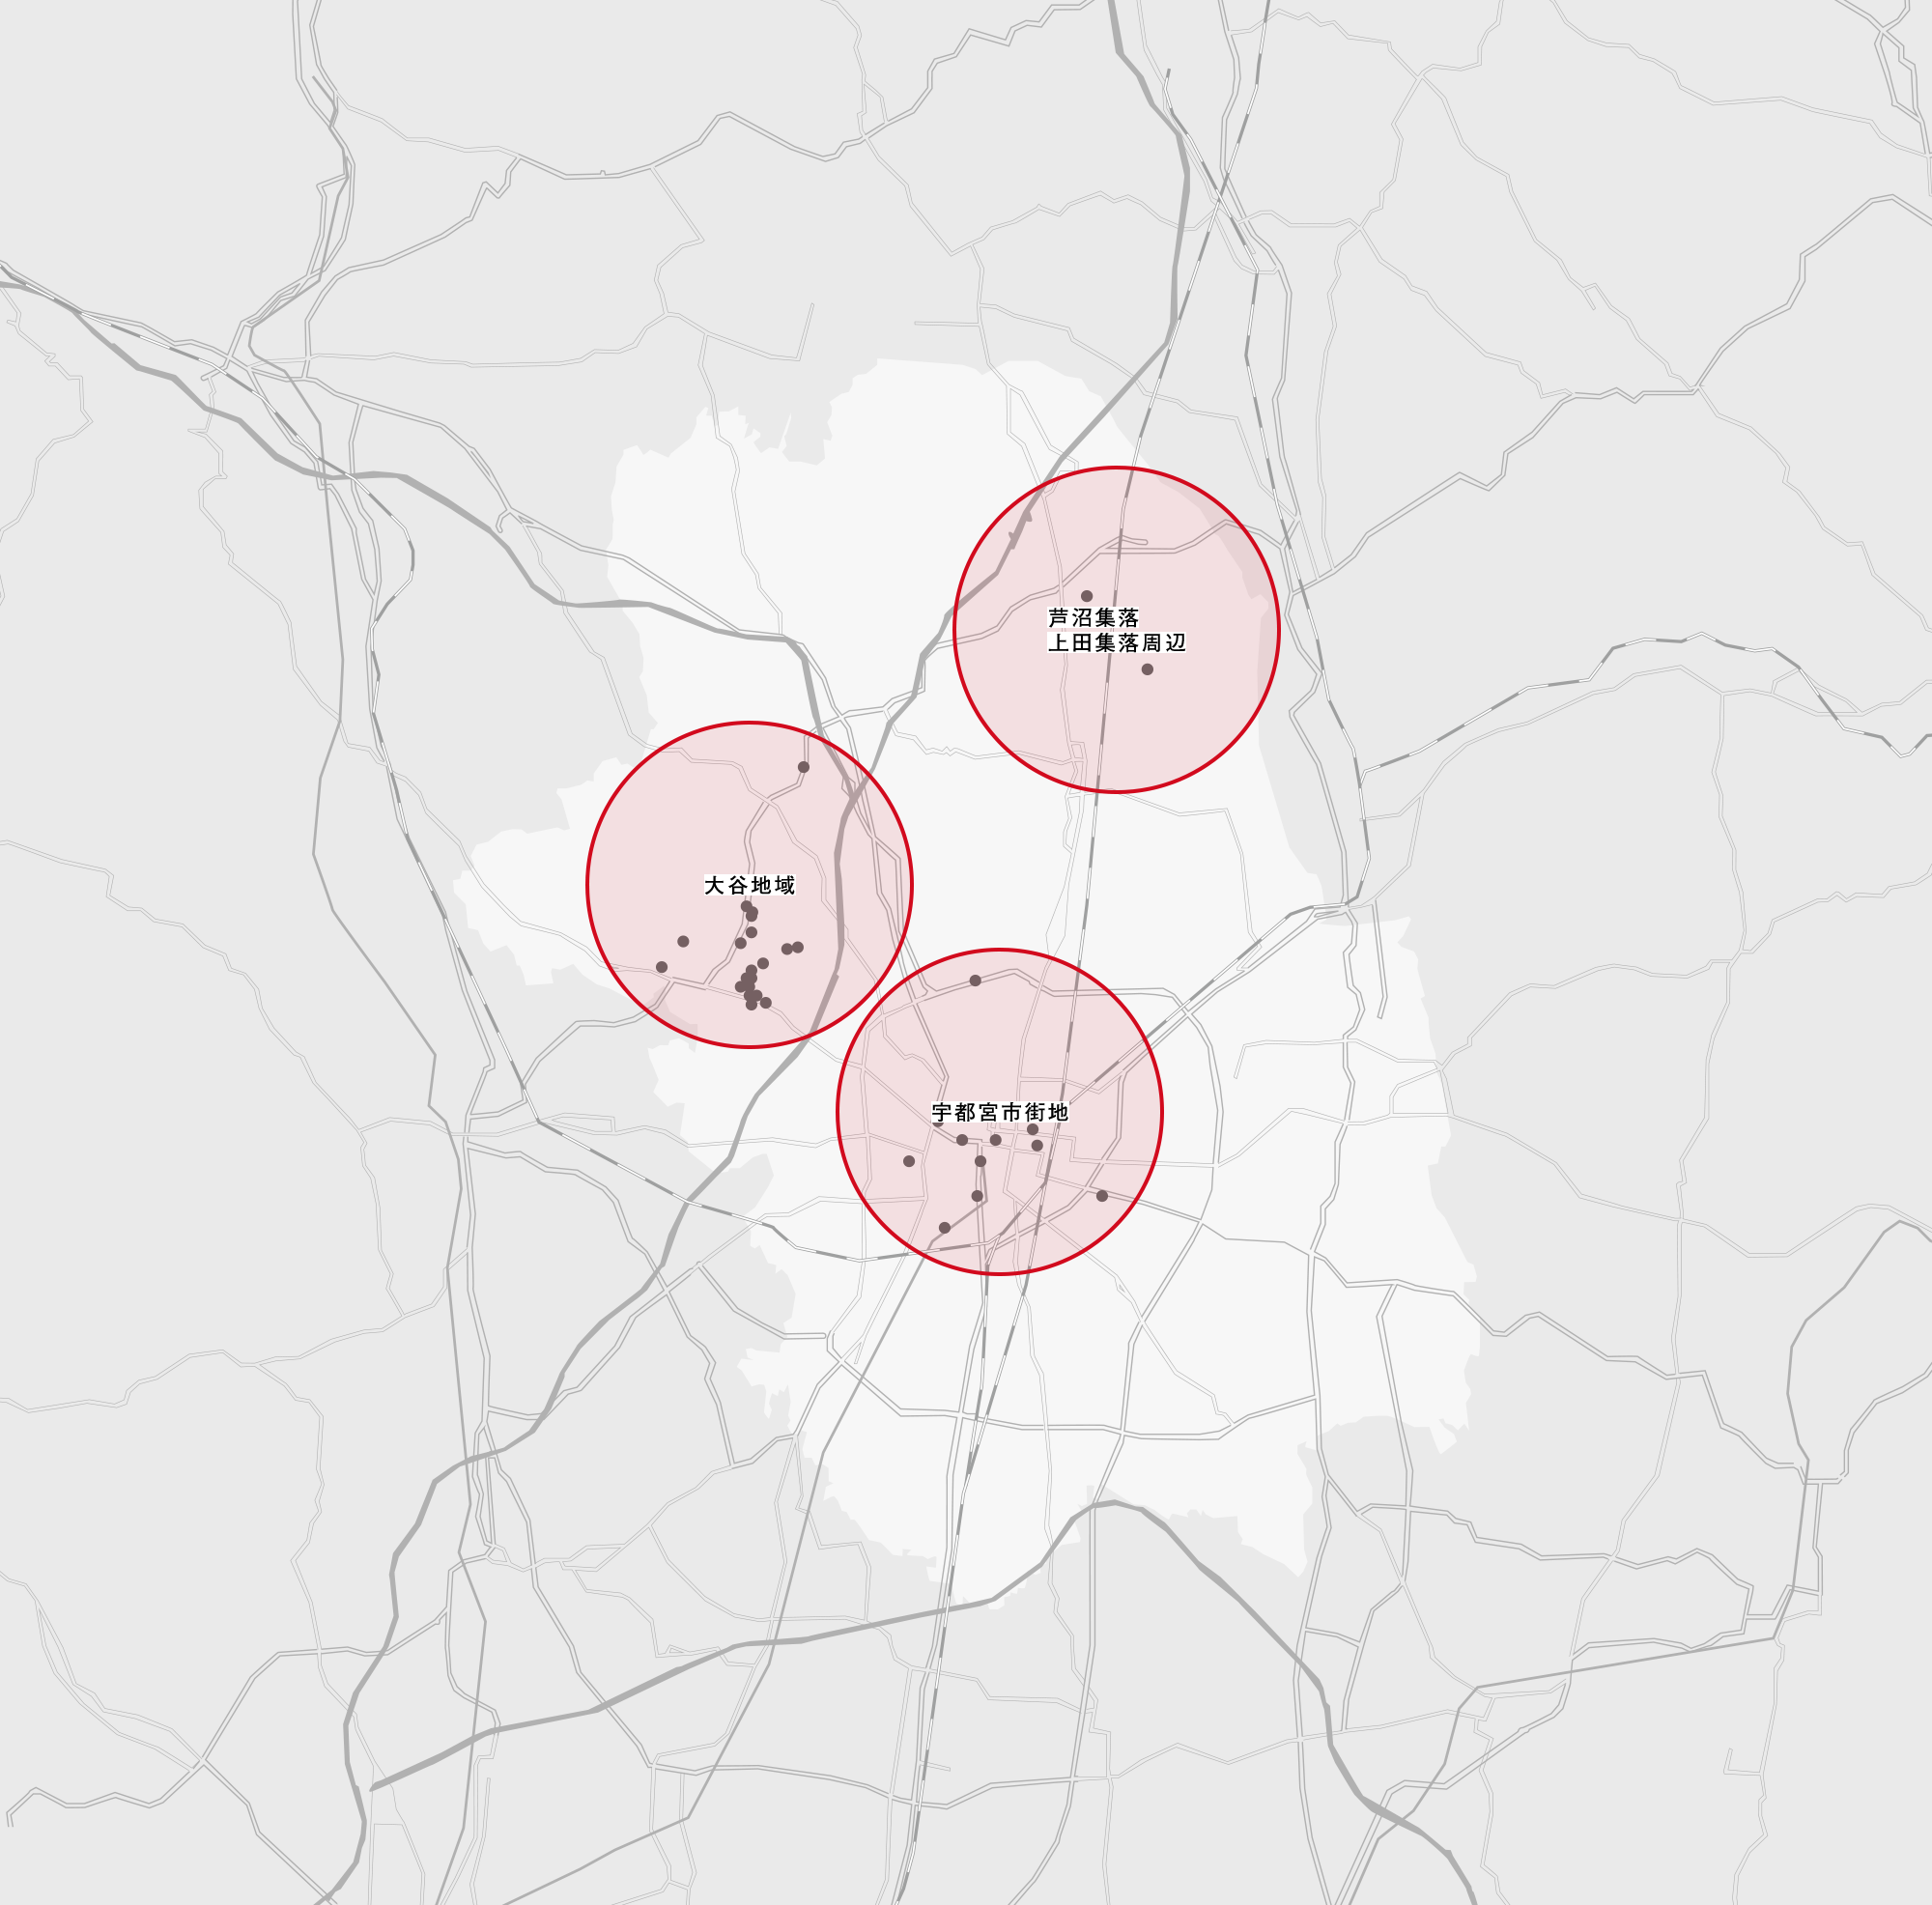 大谷石マップ